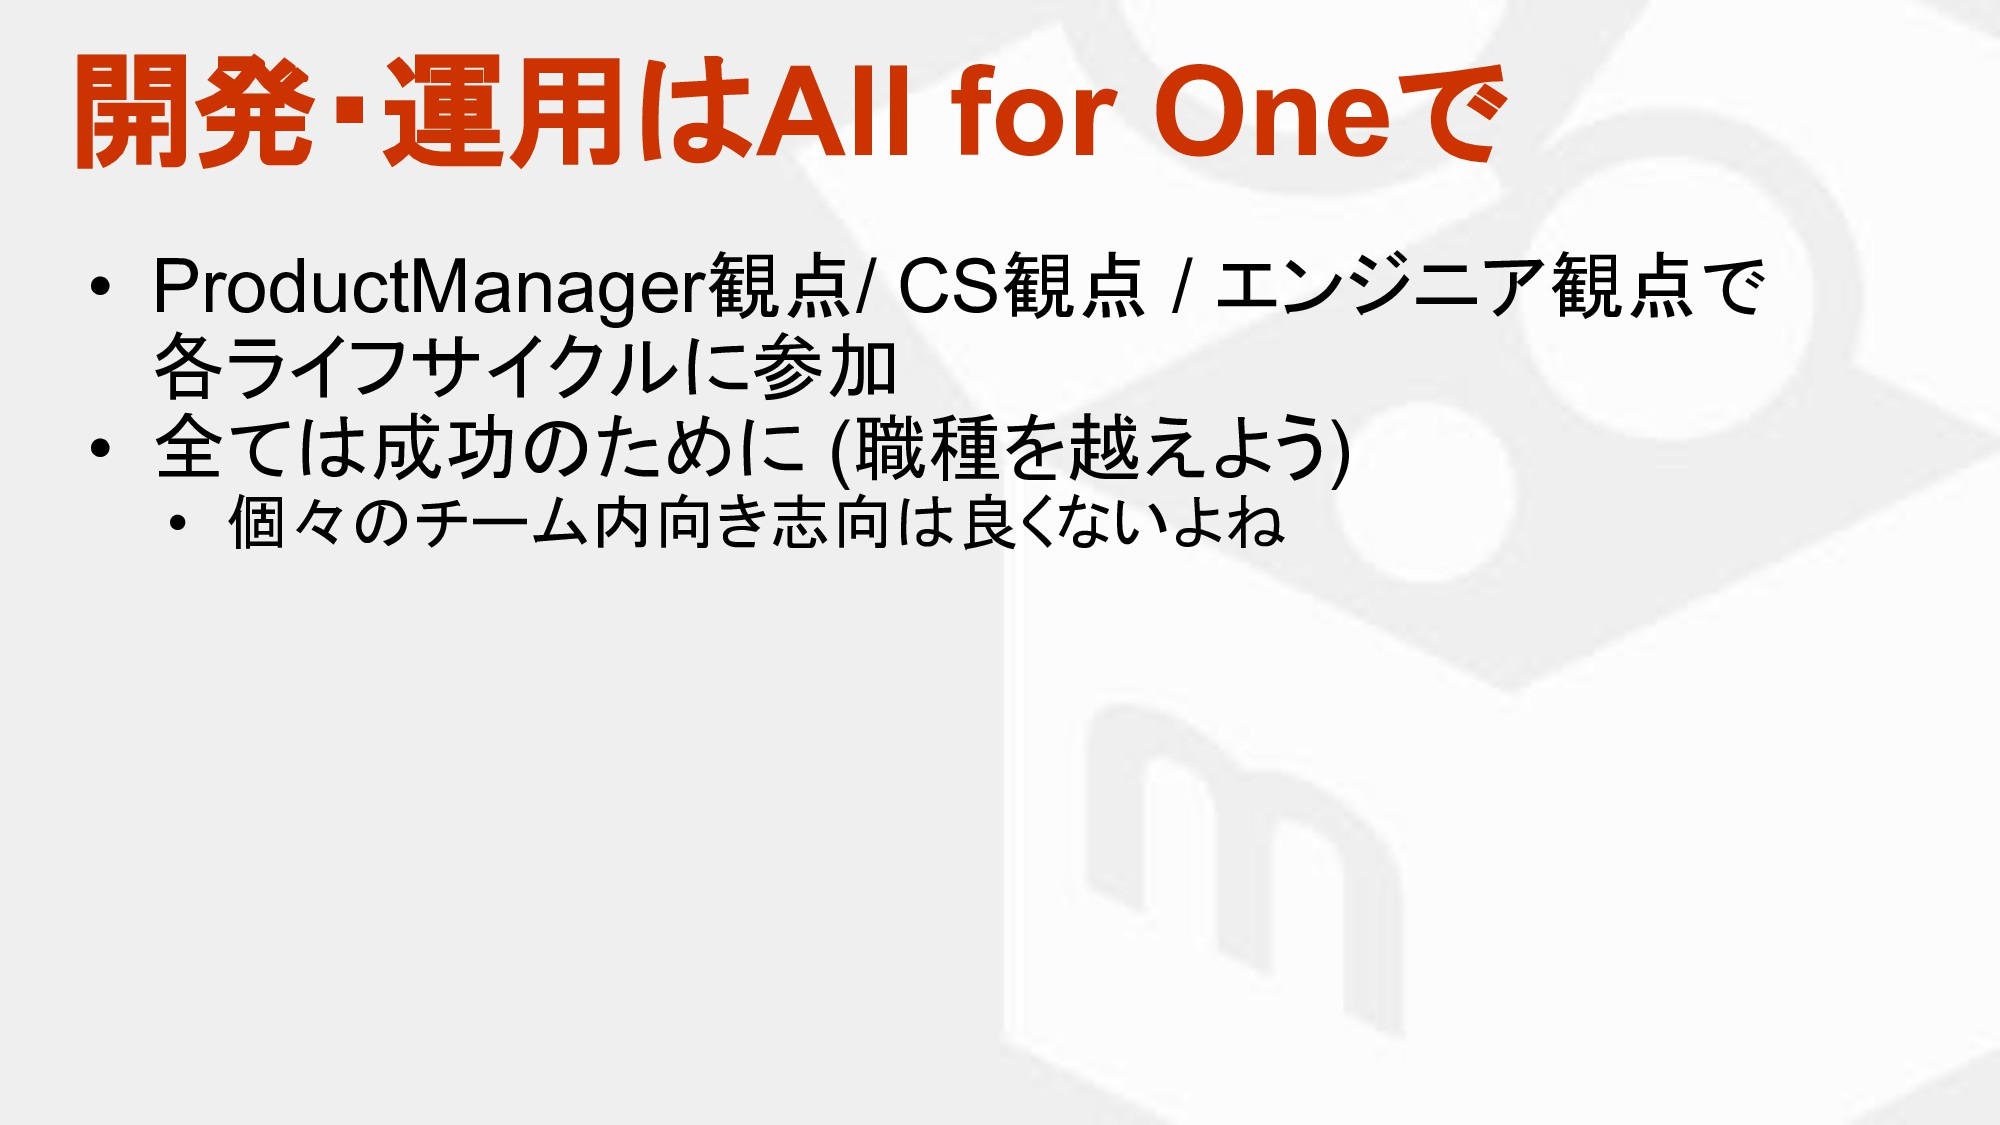 開発・運用 All for Oneで • ProductManager観点/ CS観点 / エ...